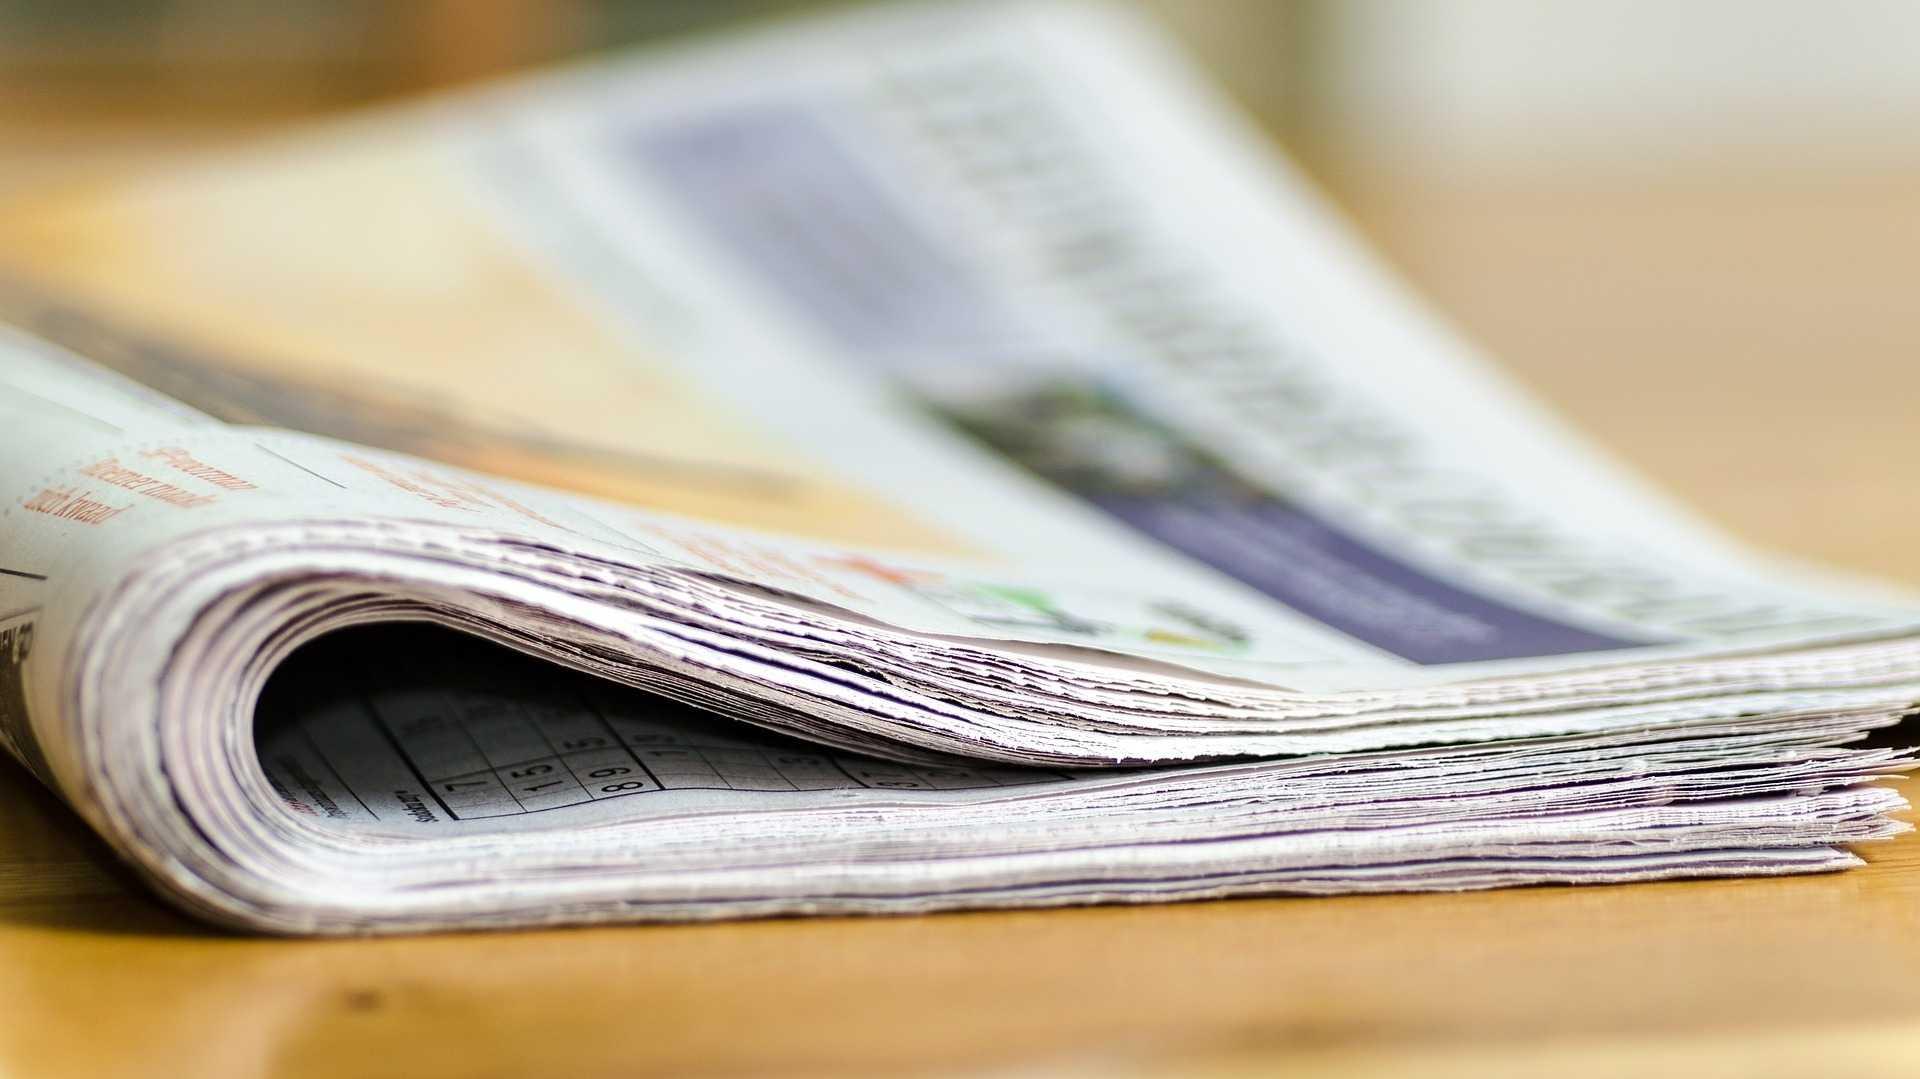 Zeitschriftenverleger: Kooperationen und Hilfe der Politik nötig